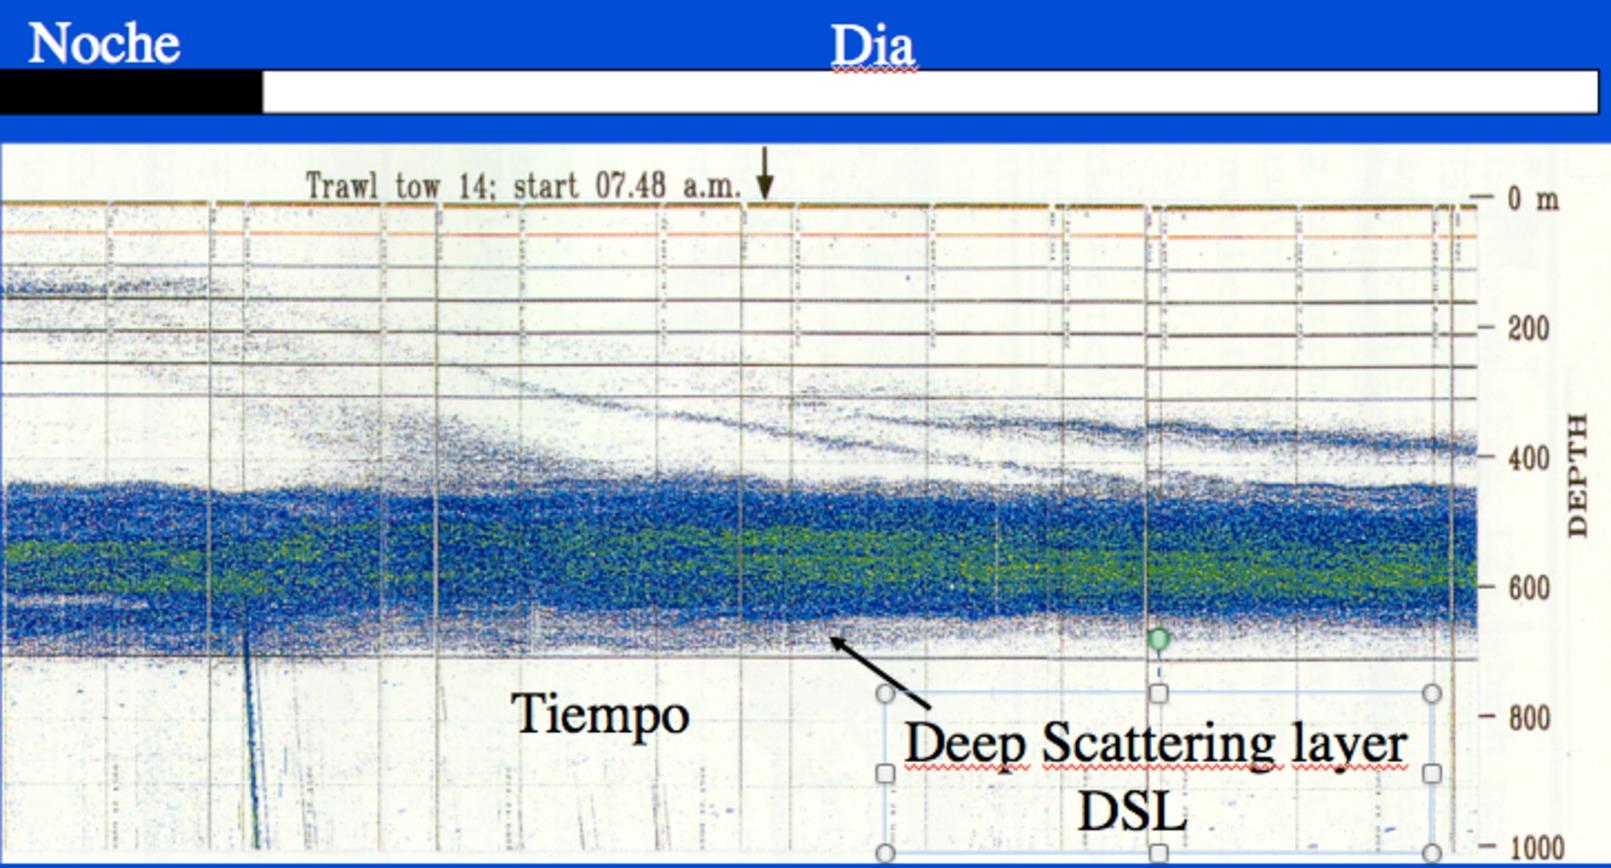 Imagen por ultrasonidos que muestra como los peces mesopelágicos regresan a la base de la capa de dispersión profunda del Atlántico subtropical, (los puntos bajando en diagonal) a algo más de 400 metros de profundidad, a medida que la luz solar avanza hacia su posición en superficie. Imagen cortesía del profesor Santiago Hernández-León, Universidad de Las Palmas de Gran Canaria.